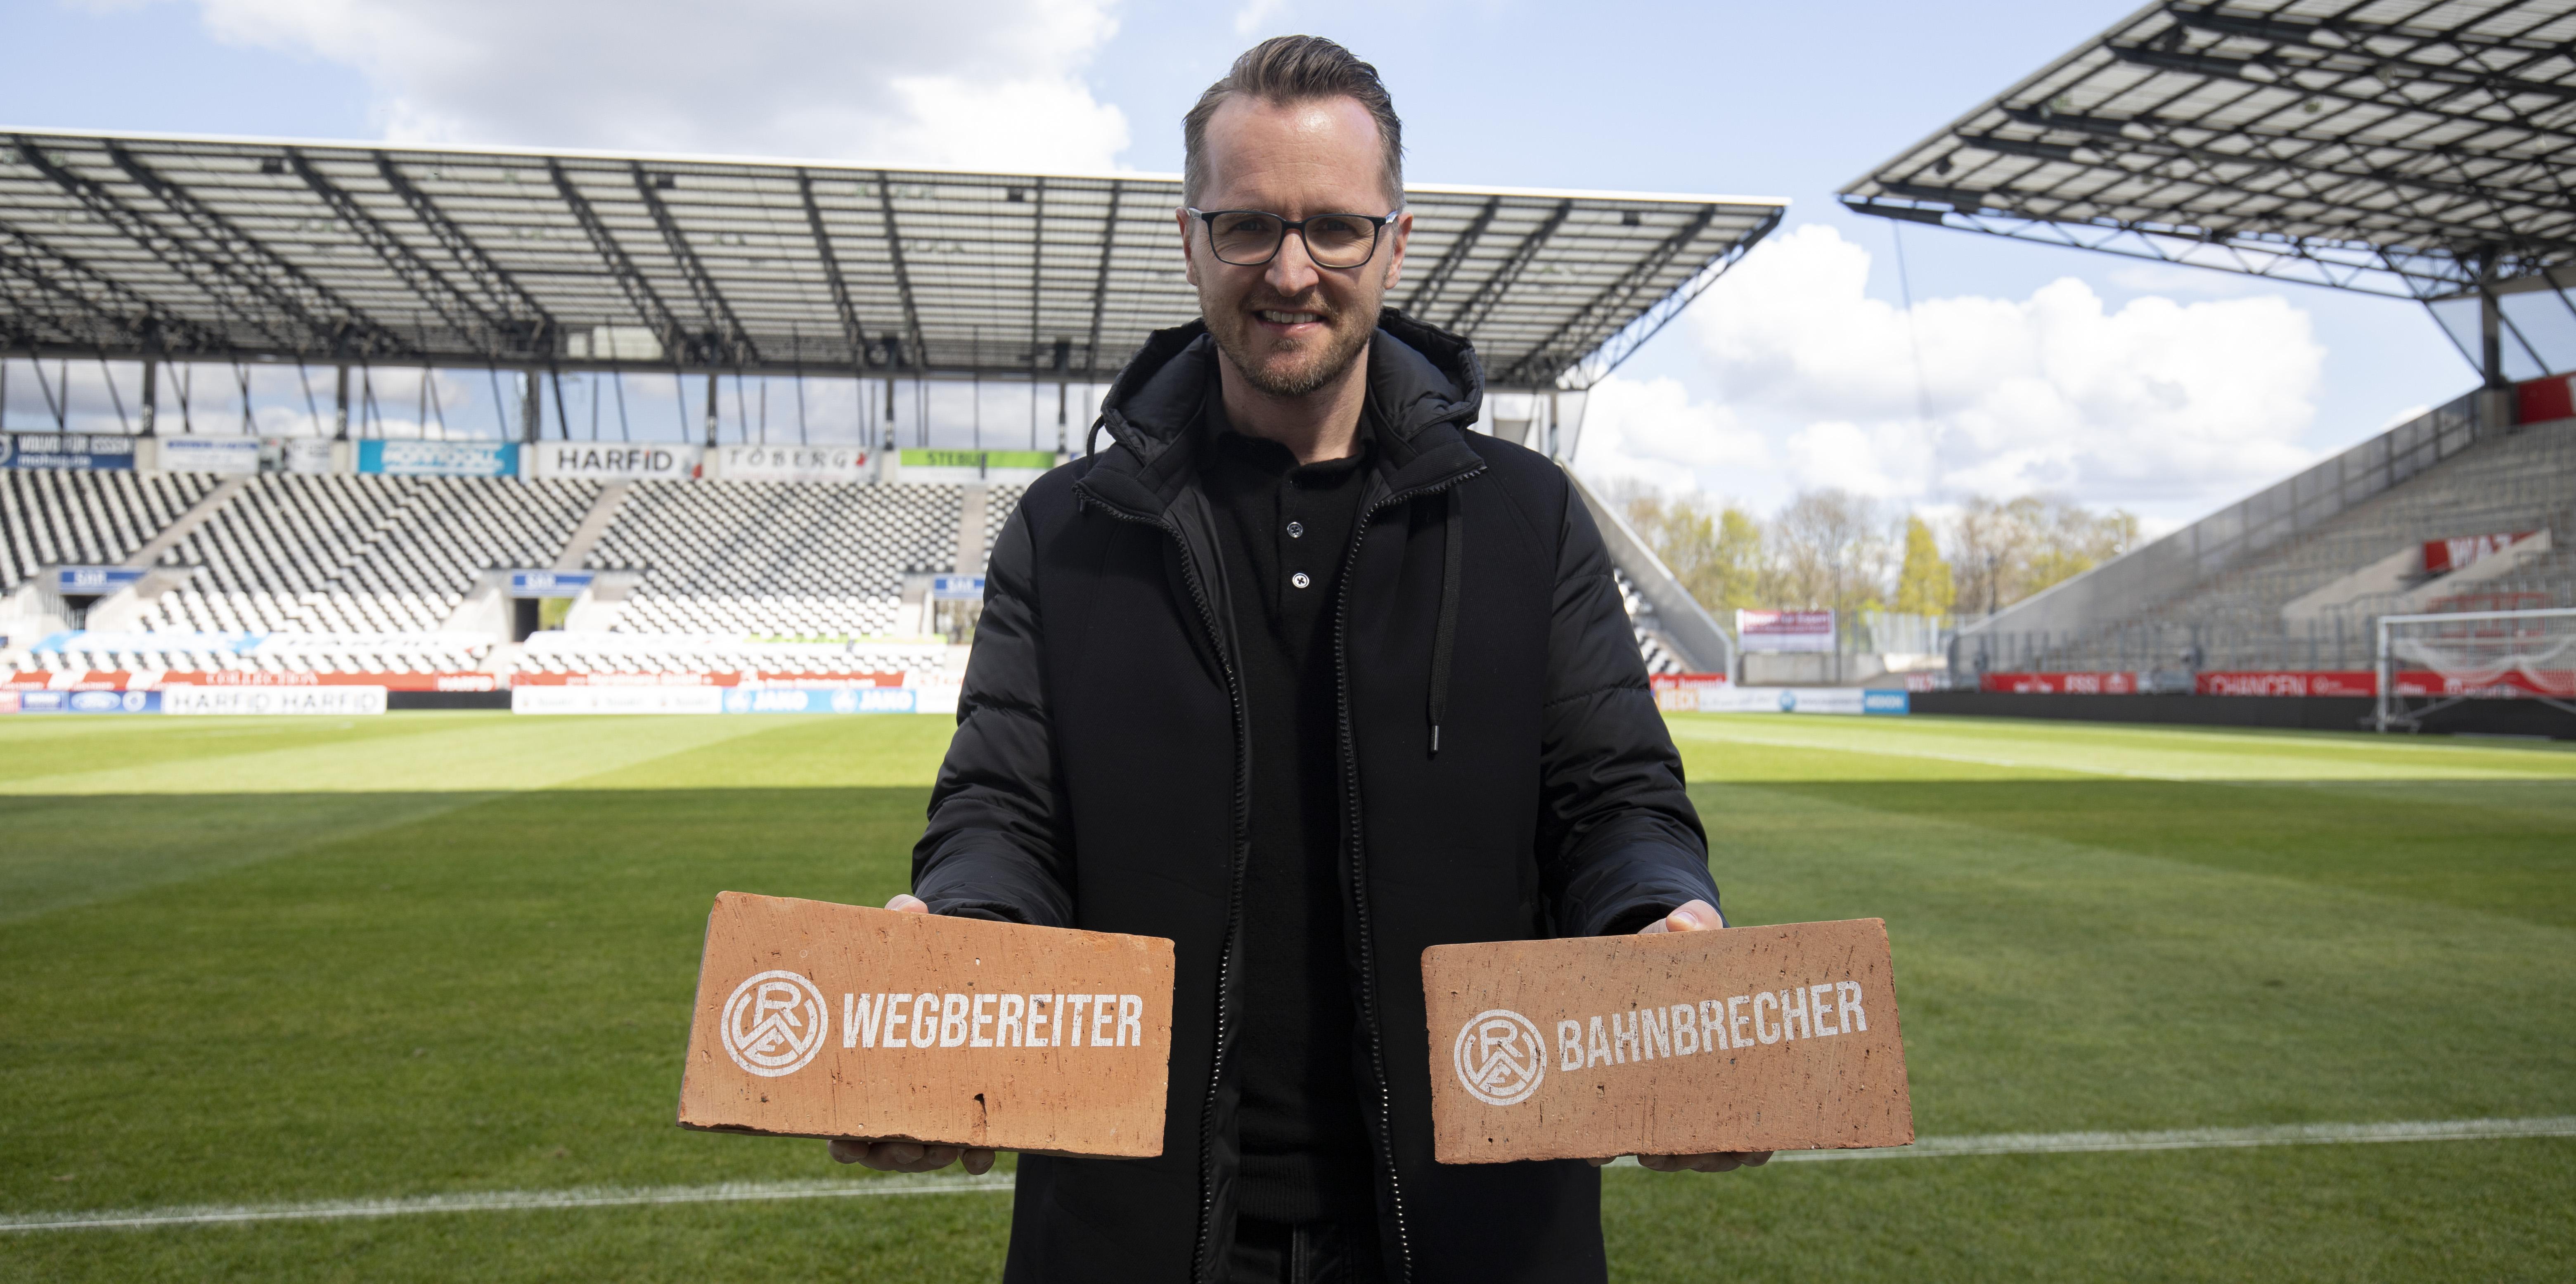 Stein auf Stein: Seit 2021 haben RWE-Partner die Möglichkeit, das Nachwuchsleistungszentrum unter der Leitung von Chrstian Flüthmann mit drei maßgeschneiderten Paketen zu unterstützen. (Foto: RWE)